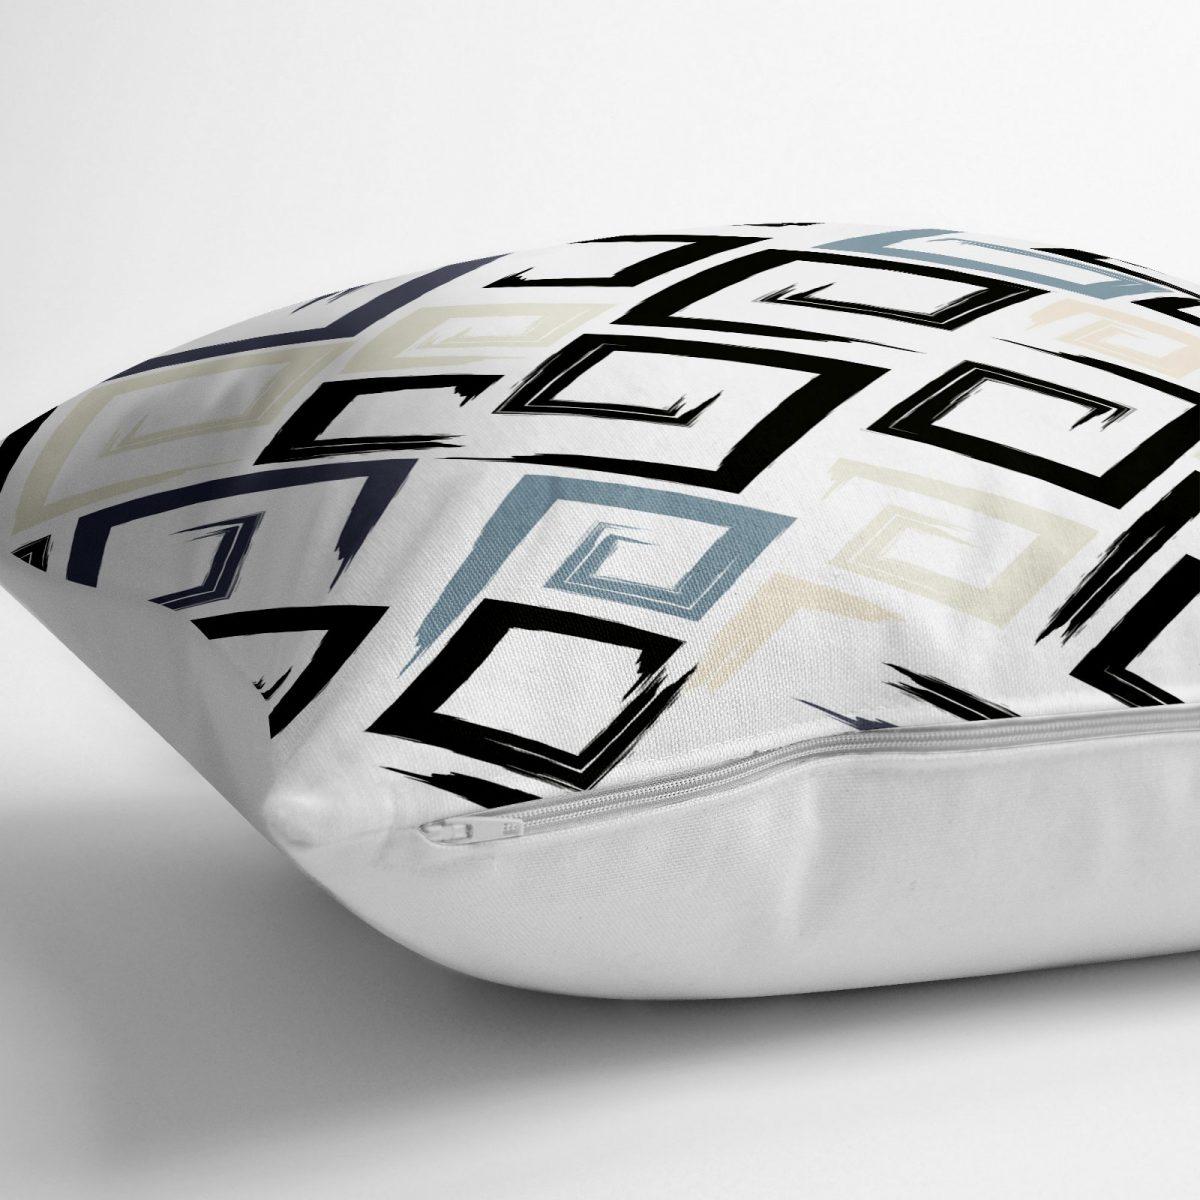 Gri Siyah Labirent Çizimli Modern Dijital Baskılı Yer Minderi - 70 x 70 cm Realhomes